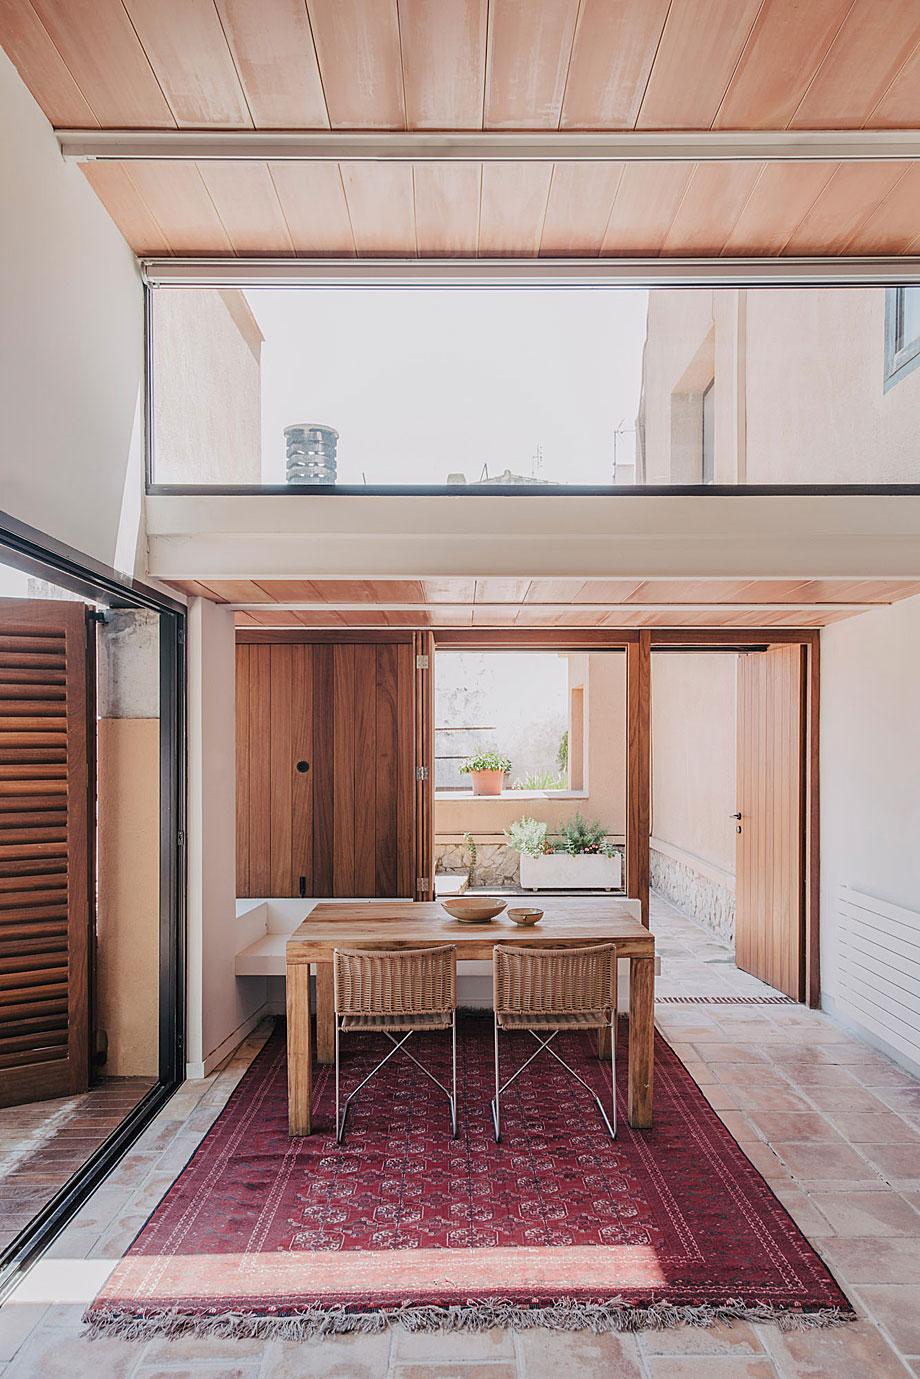 mesura-architecture-sant-mori-ampliacion-girona-housing-project-spain-arquitectura-3